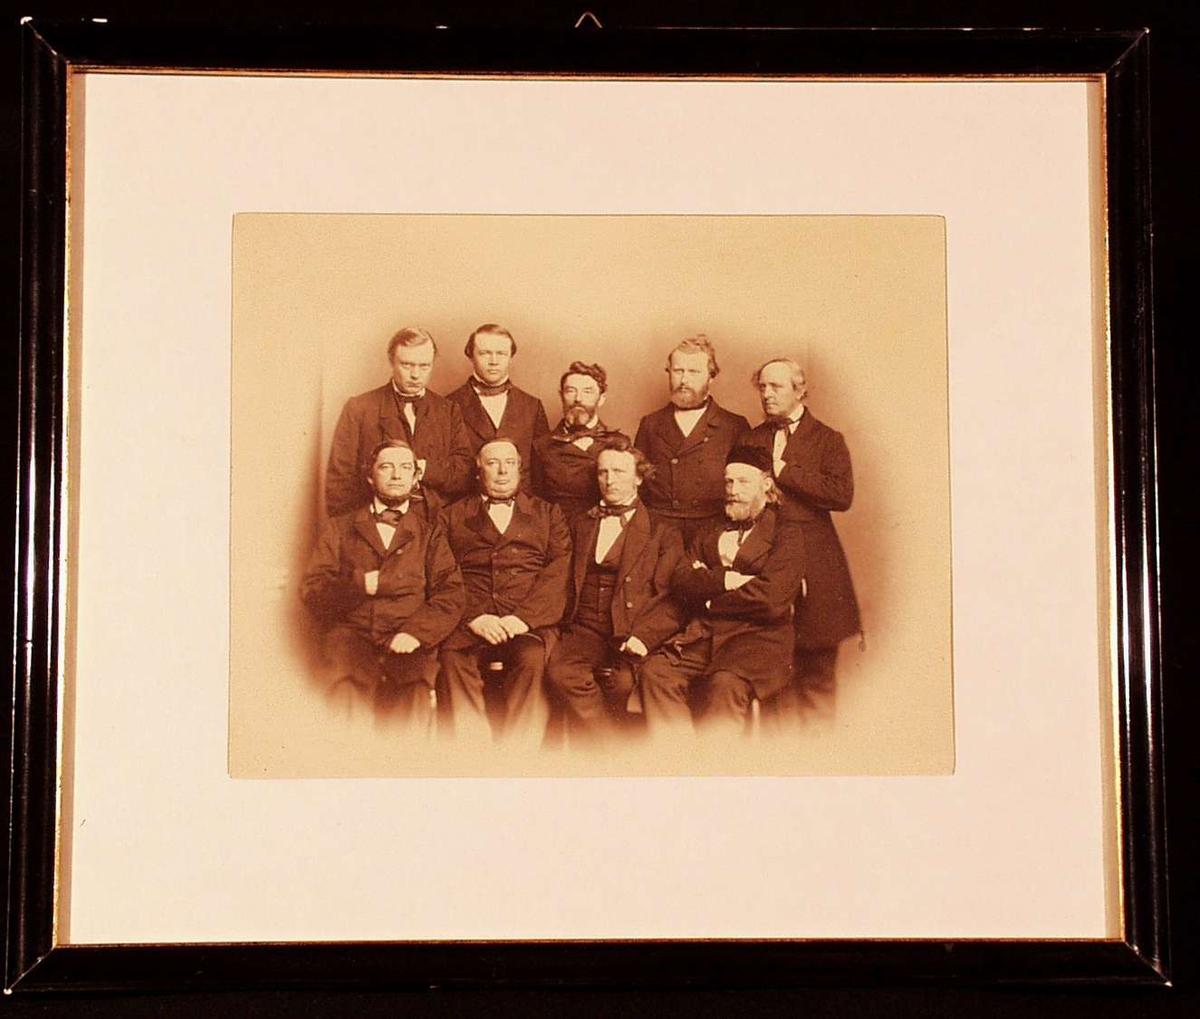 Gruppebilde av stortingsmenn, Kristiania, 22 mai 1863. Nederste rekke fra venstre: Sverdrup, Blom, Essendrop, Danielsen.   Stående fra venstre: Daae, Richter, Johan Sverdrup, Steen, Krognes.